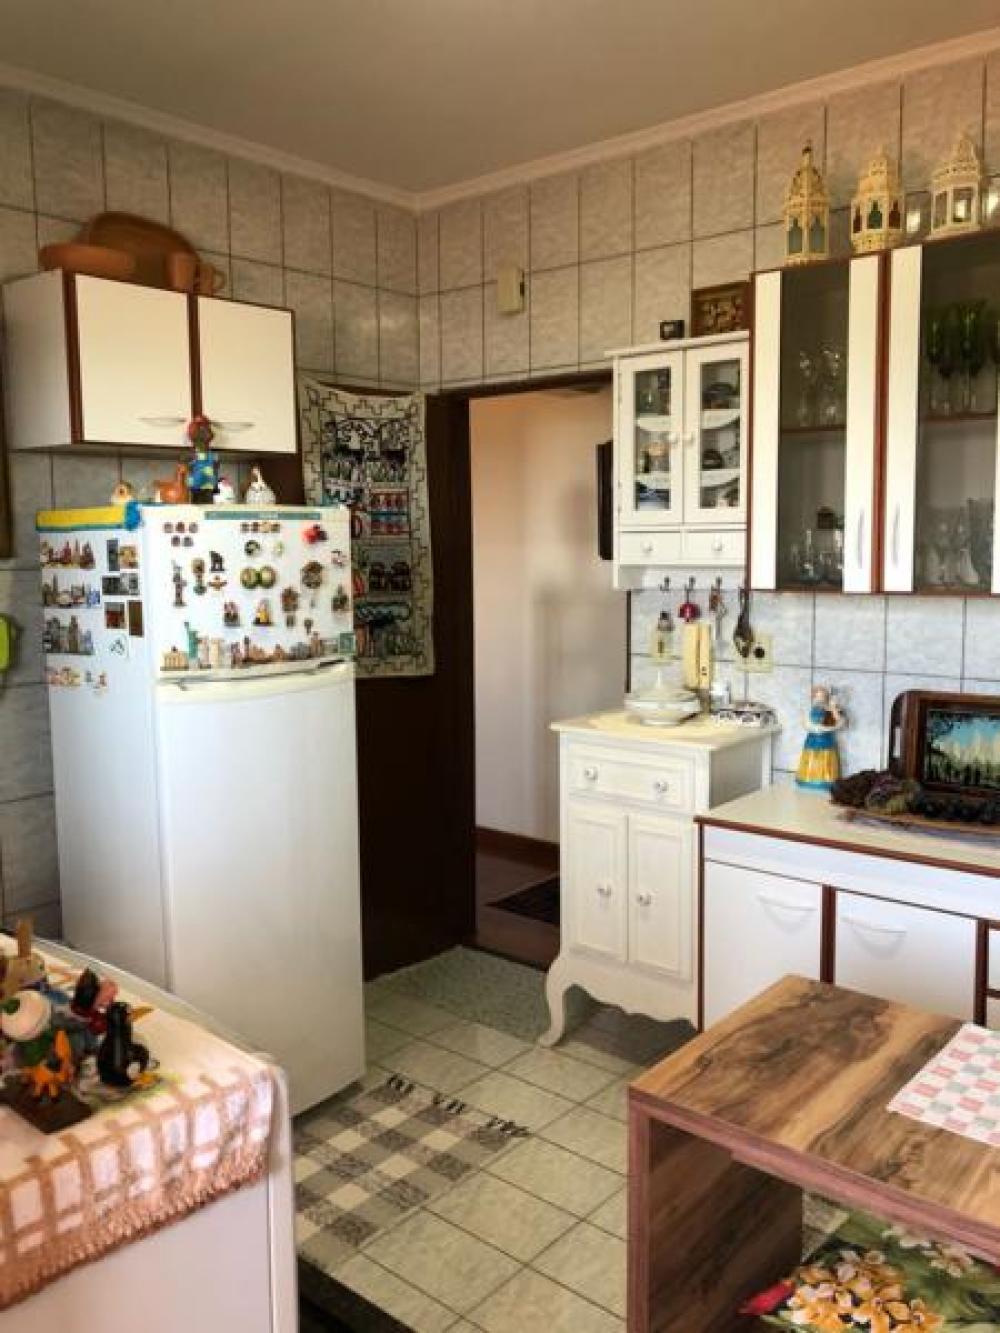 Comprar Casa / Padrão em São José do Rio Preto R$ 998.000,00 - Foto 3